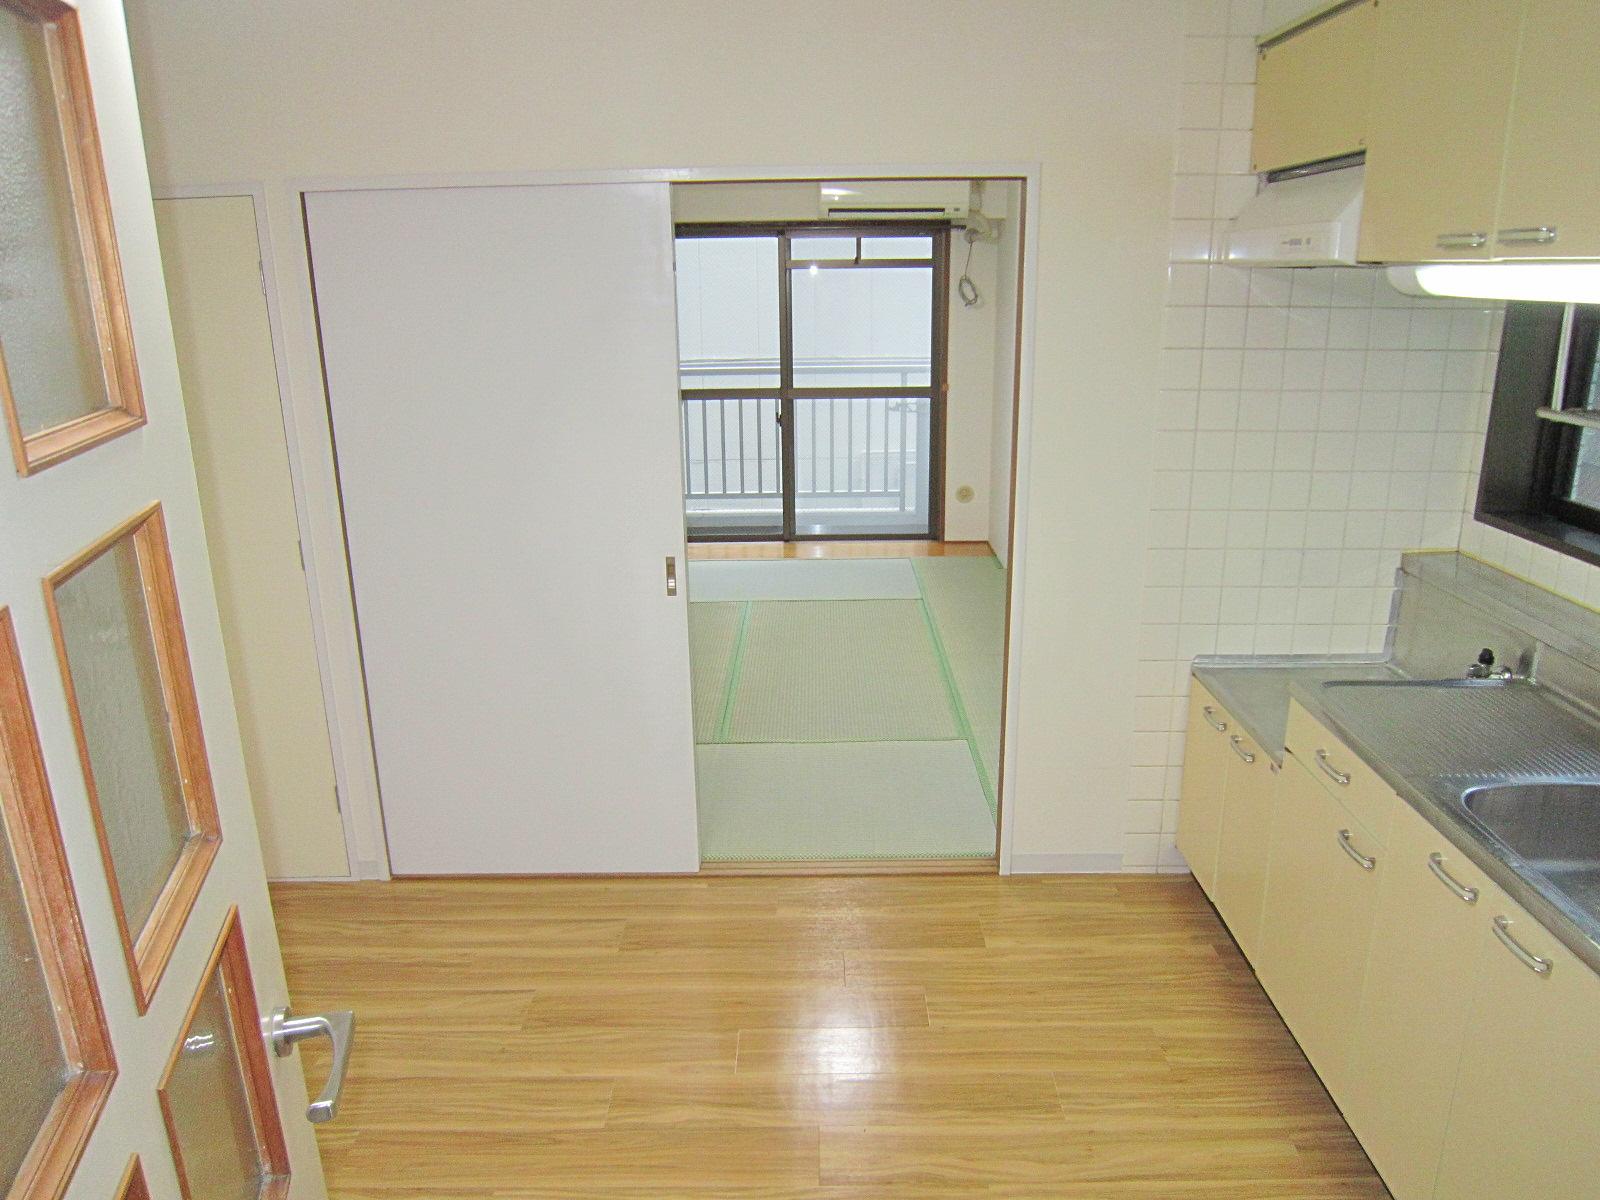 居室・リビング 玄関よりバルコニー方面